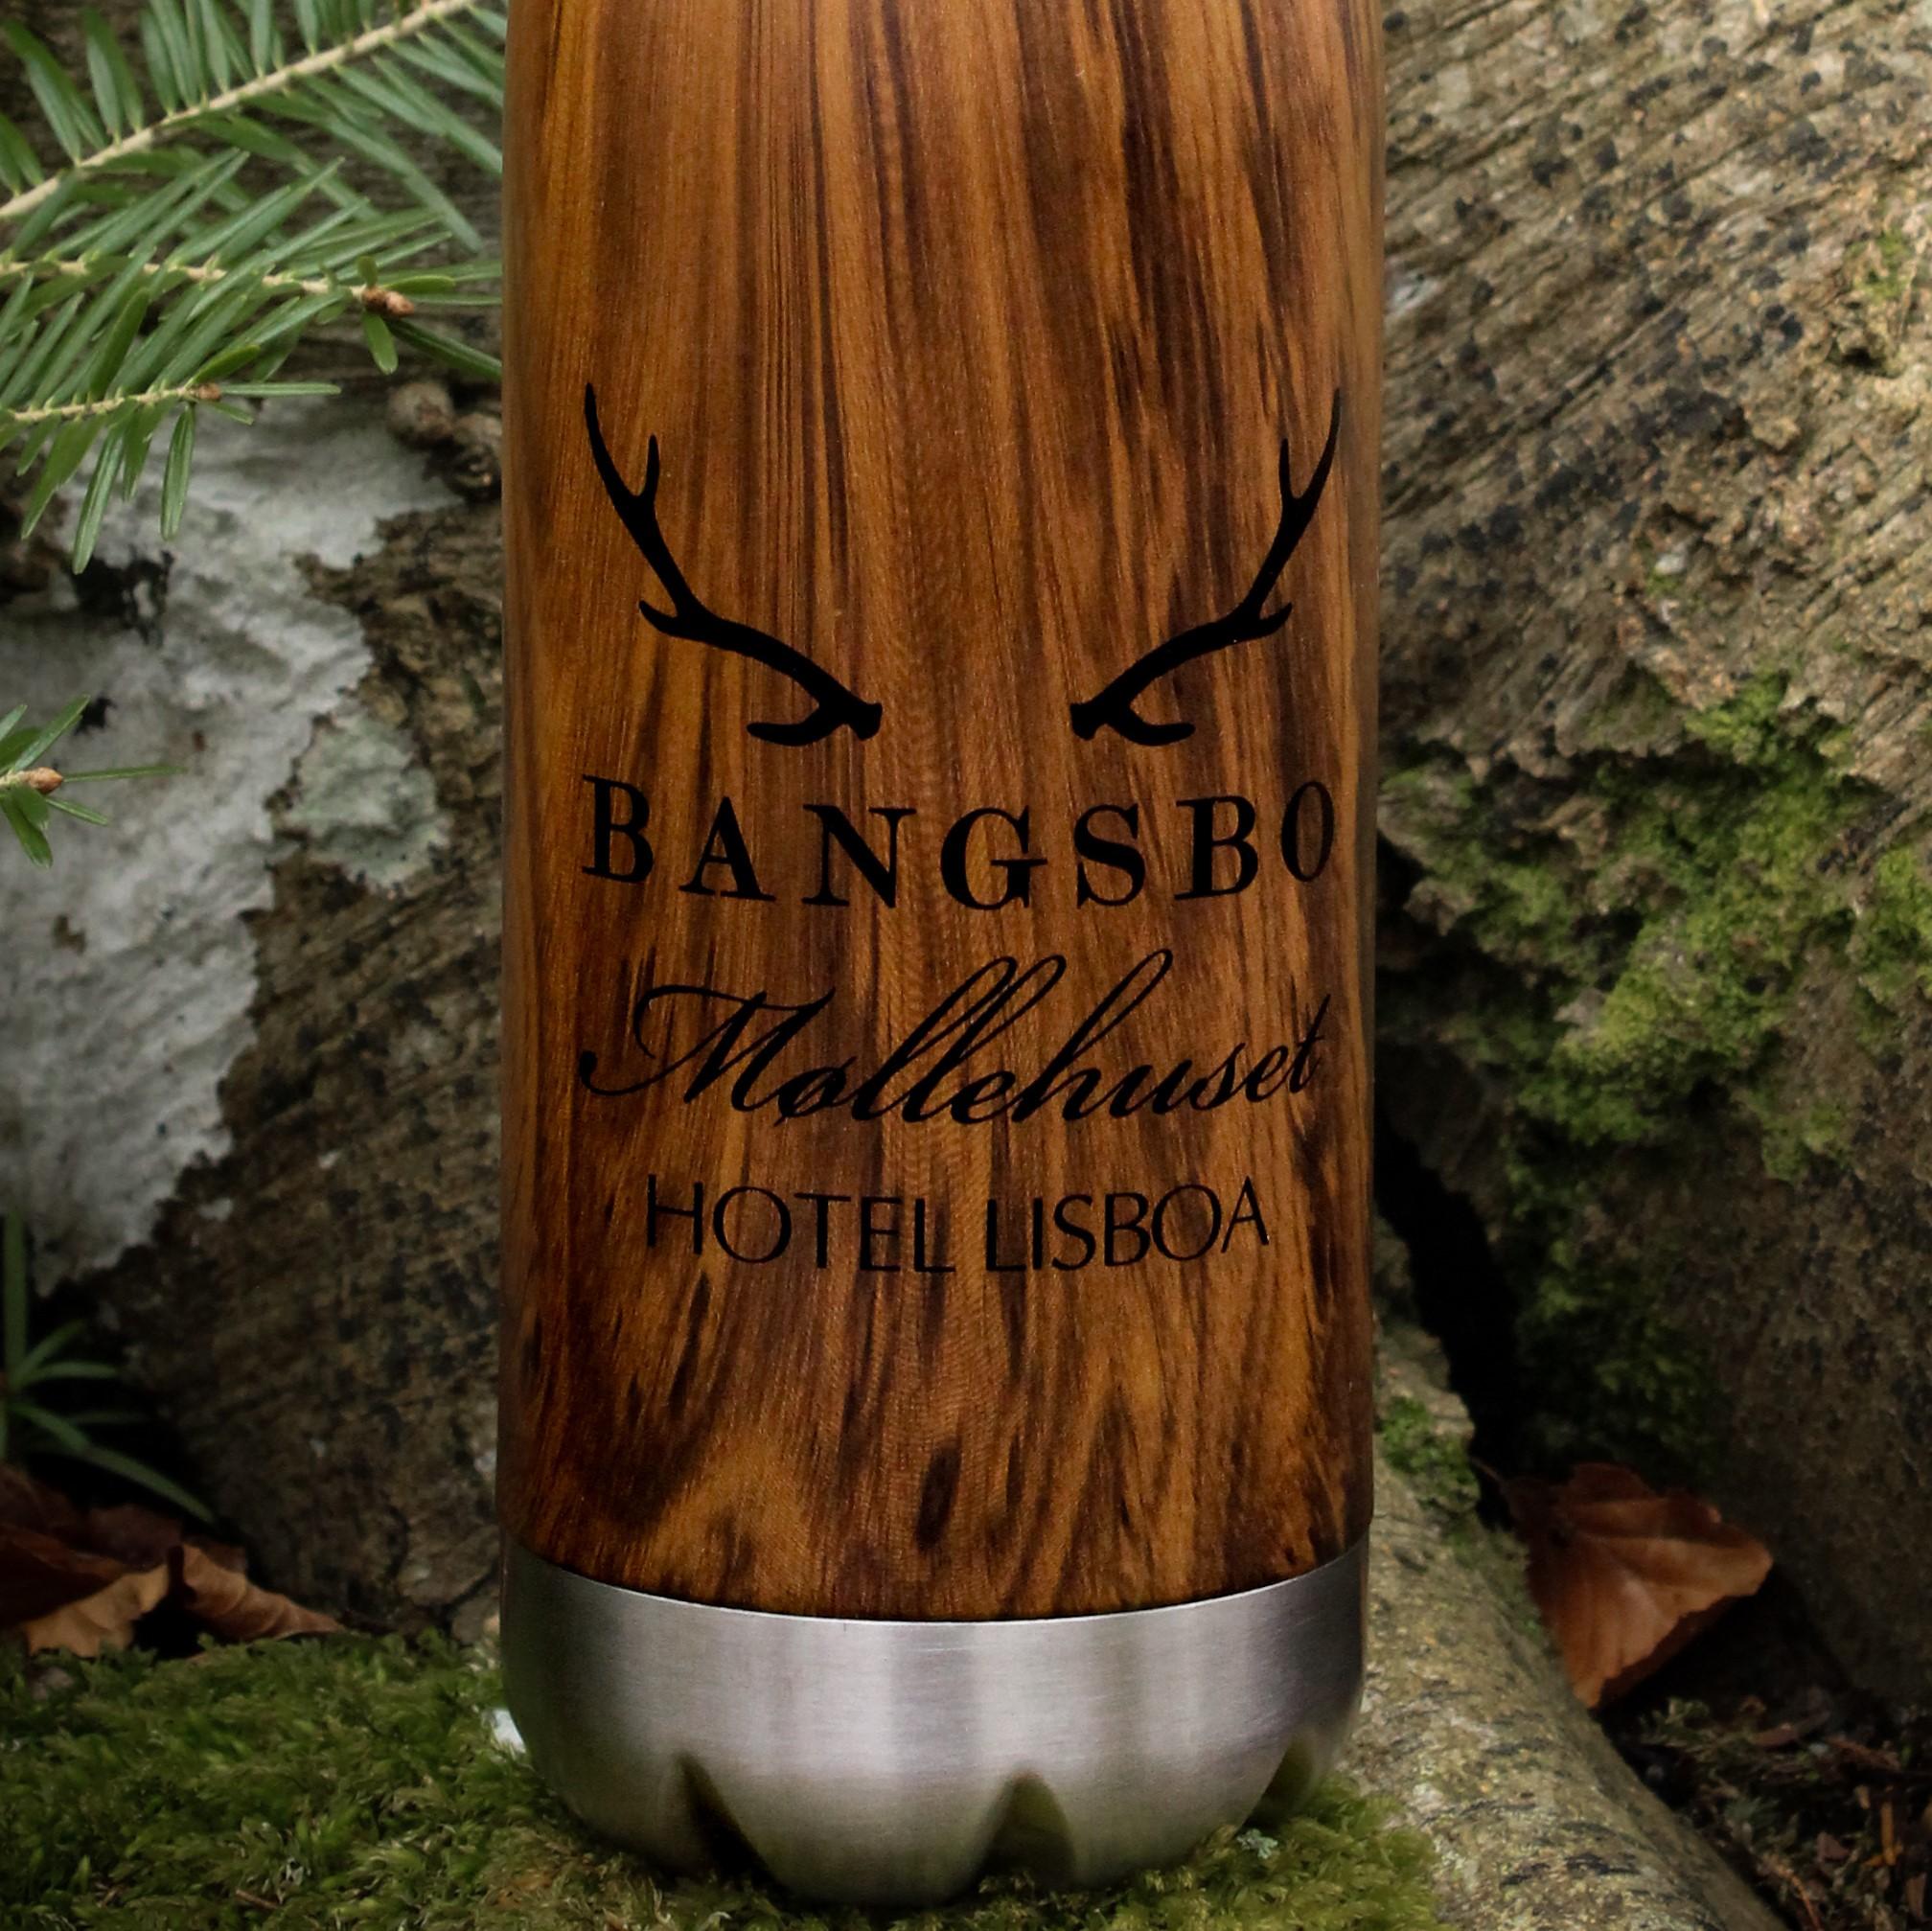 Hotel lisboa restaurant møllehuset bangsbo outdoor produkter termoflaske bæredygtig